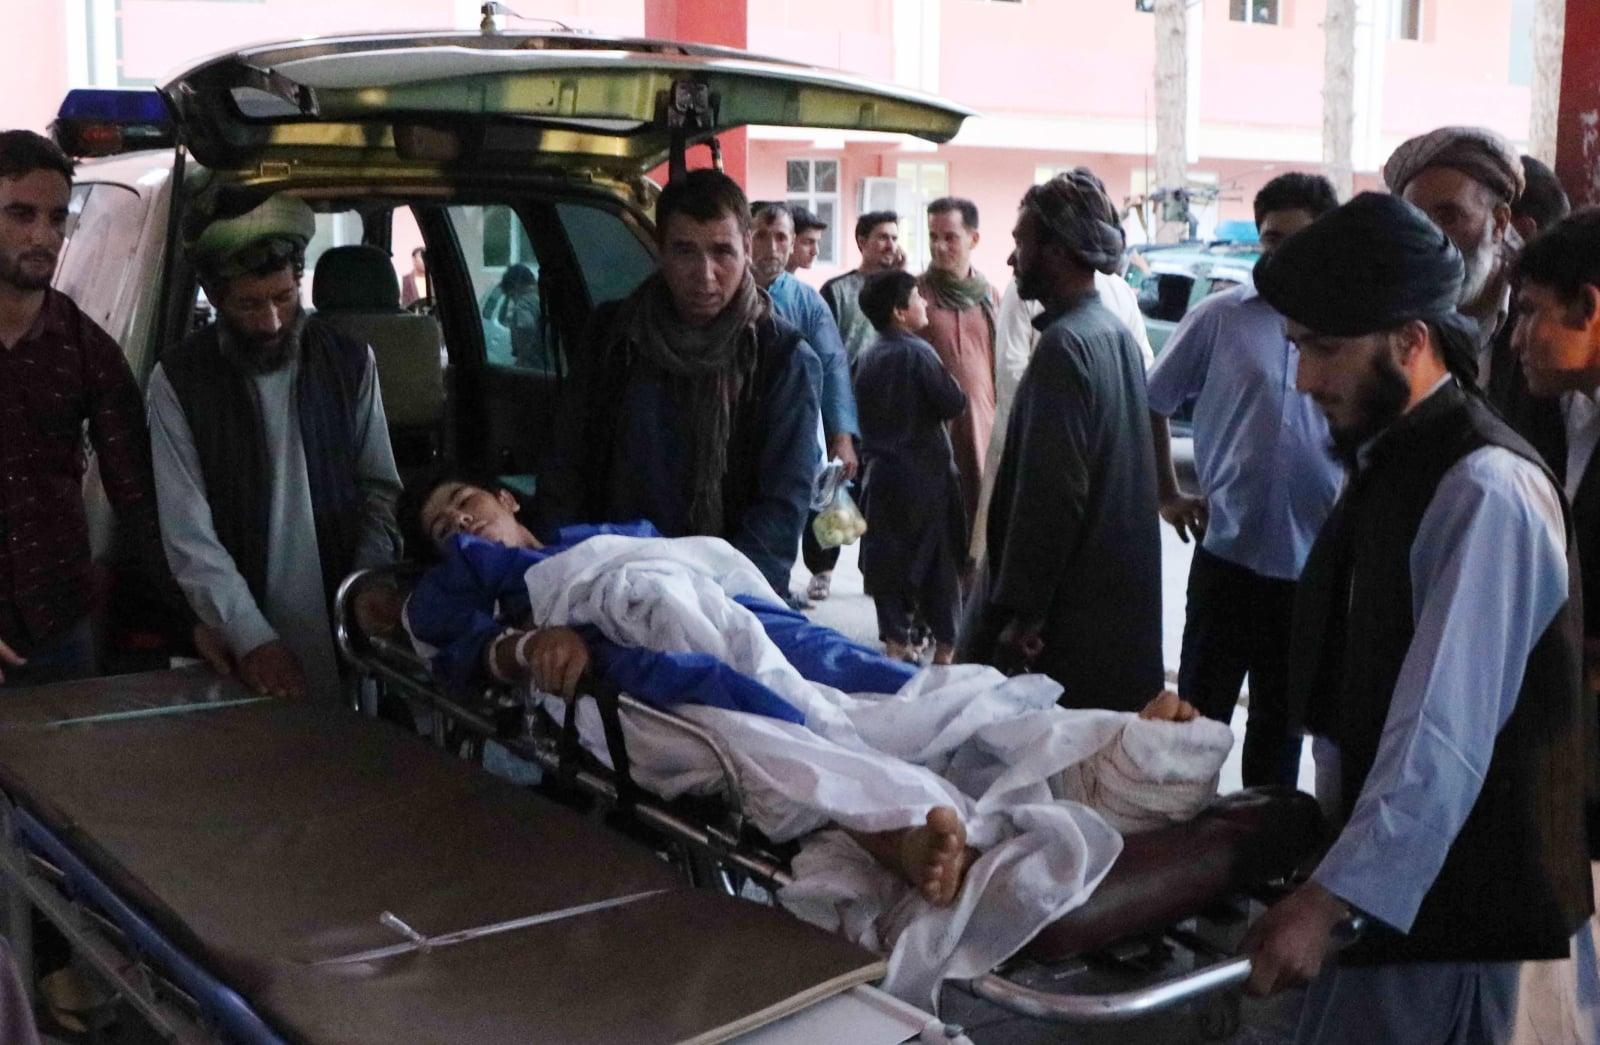 Samobójczy atak bombowy w Afganistanie fot. EPA/JALIL REZAYEE